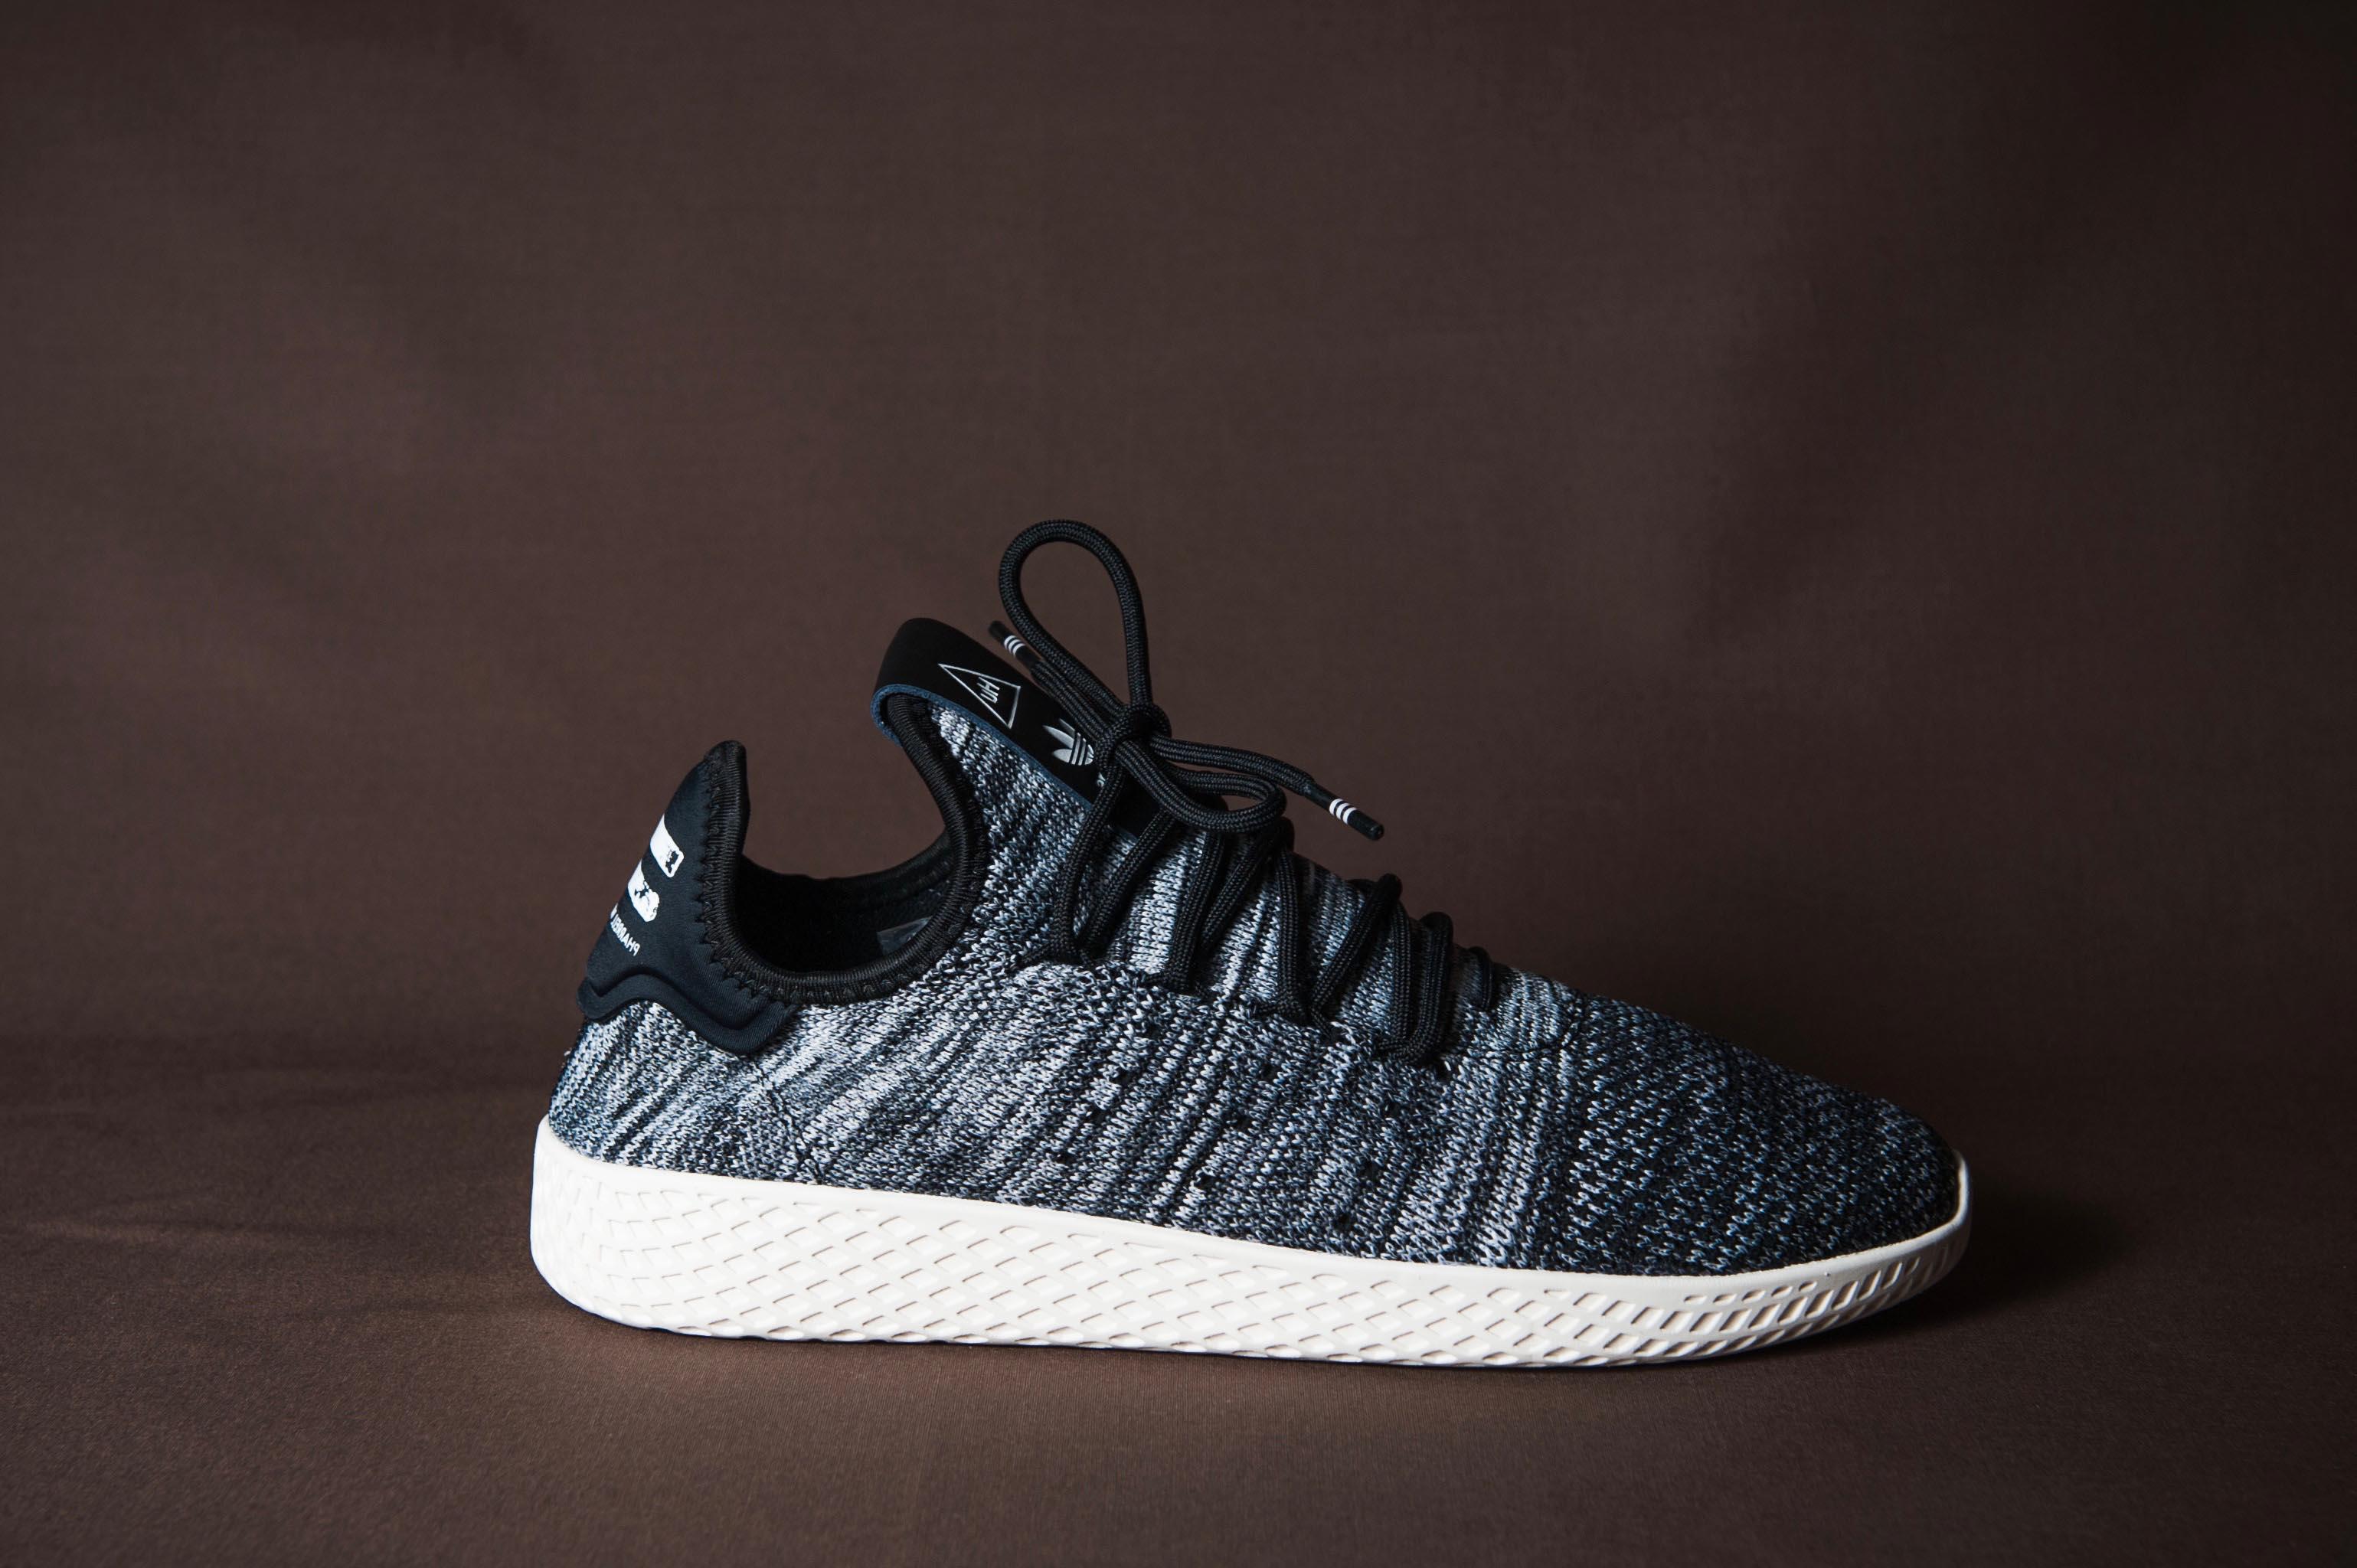 1e3fca9d3b4 adidas Originals PW Tennis HU PK – Chalk White   Core Black   Ftwr ...